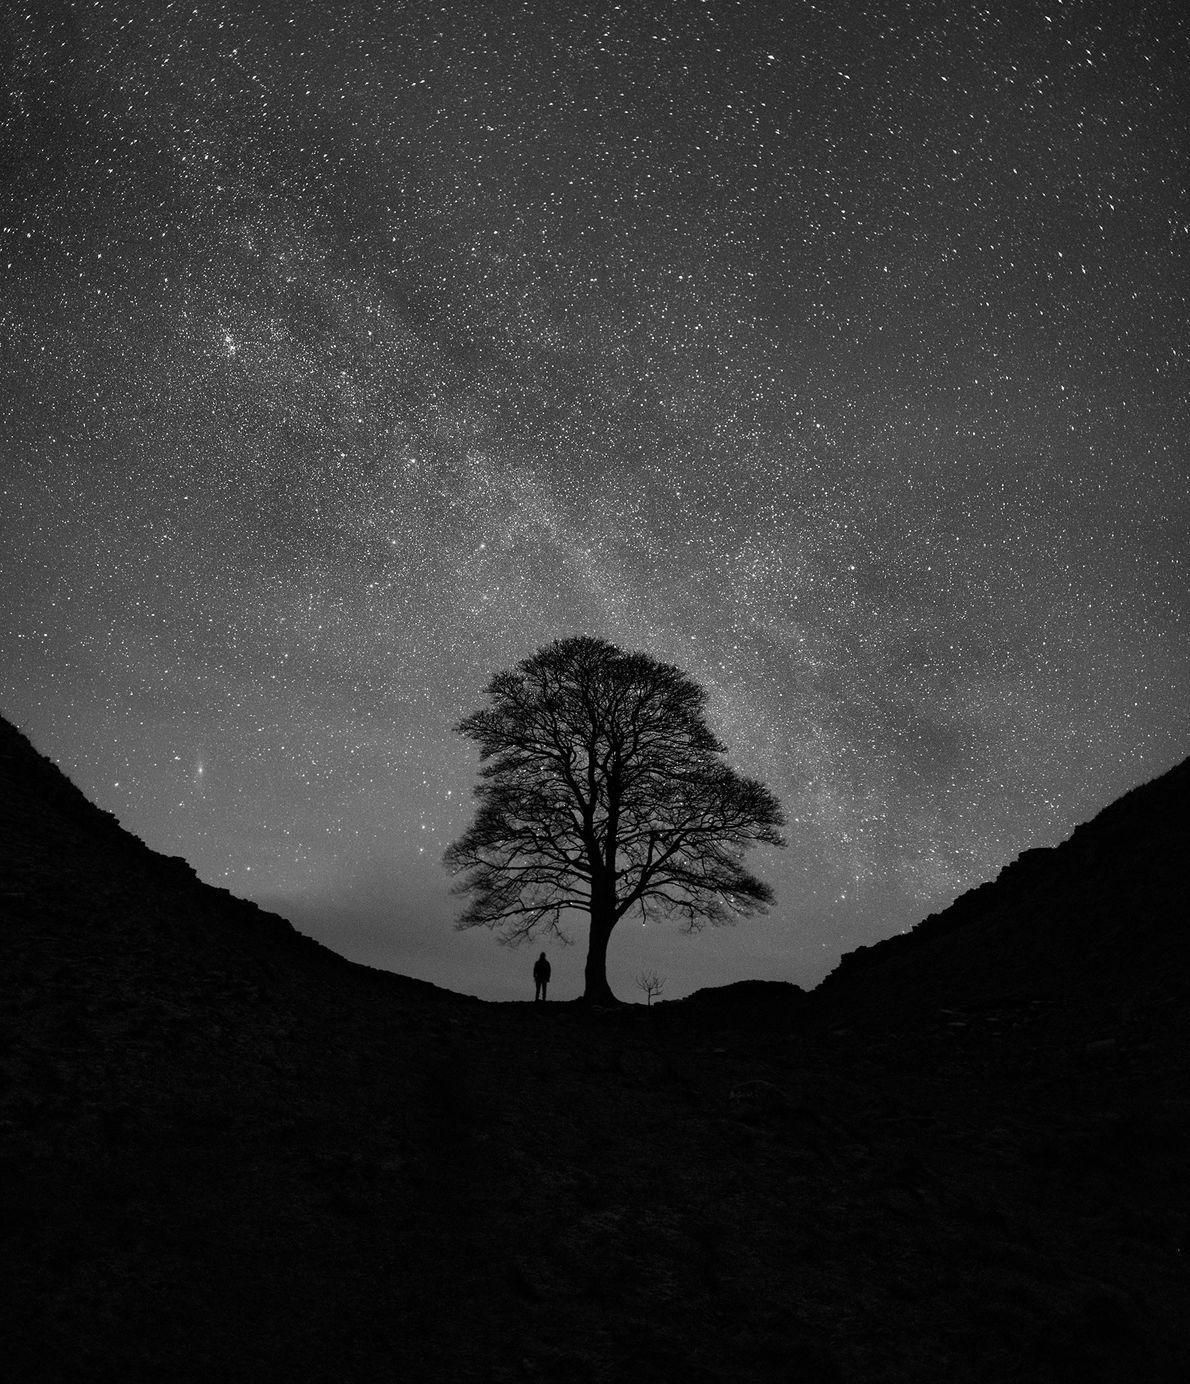 La Voie lactée et la galaxie d'Andromède s'illuminent par une froide nuit d'hiver sur le mur ...